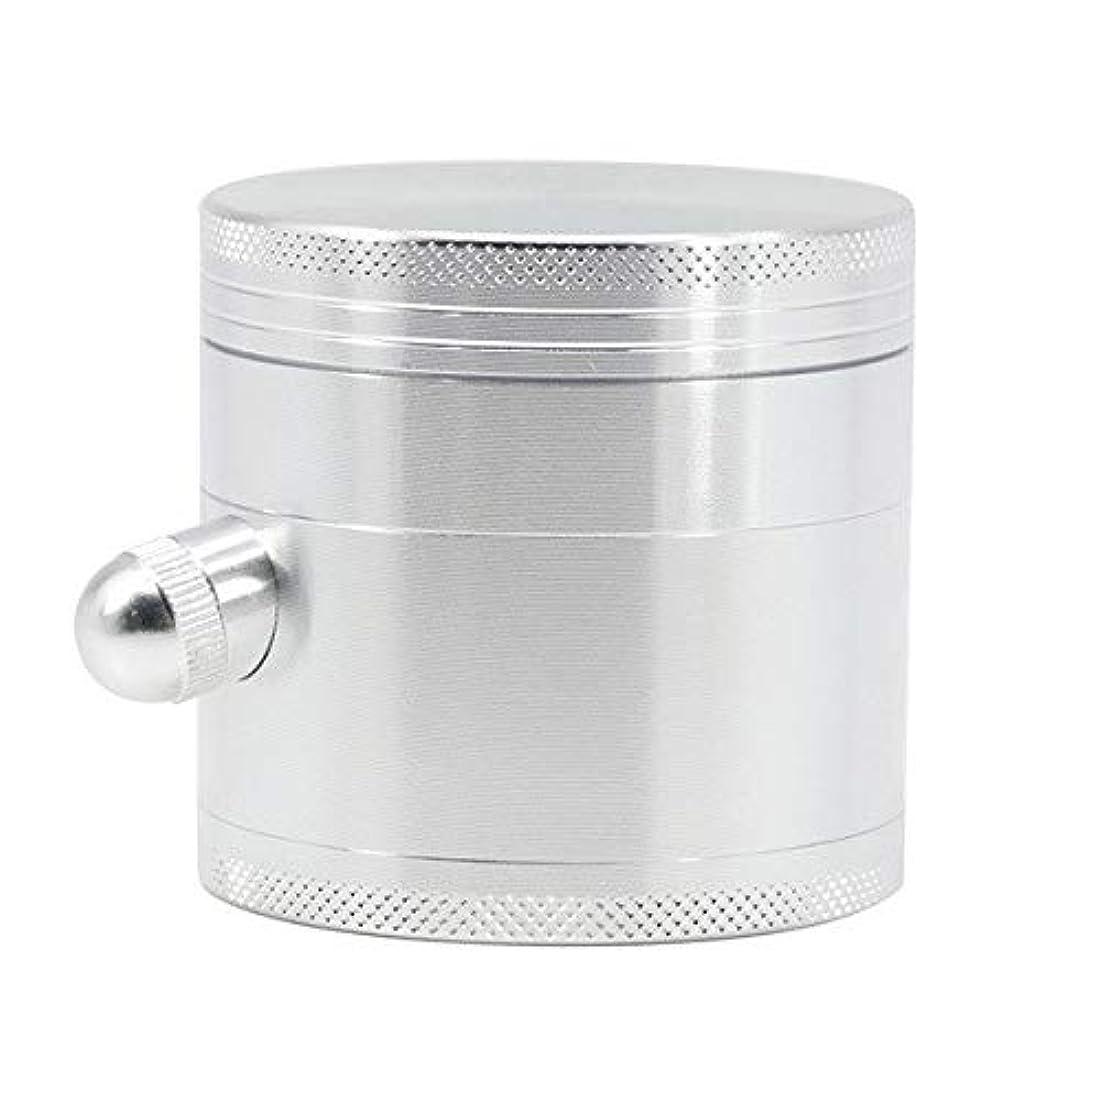 絶望的なストラップデータベースホームキッチン4層の直径63ミリメートルのための金属グラインダー亜鉛合金研削コーヒー豆リムーバブルポータブル (Color : White)